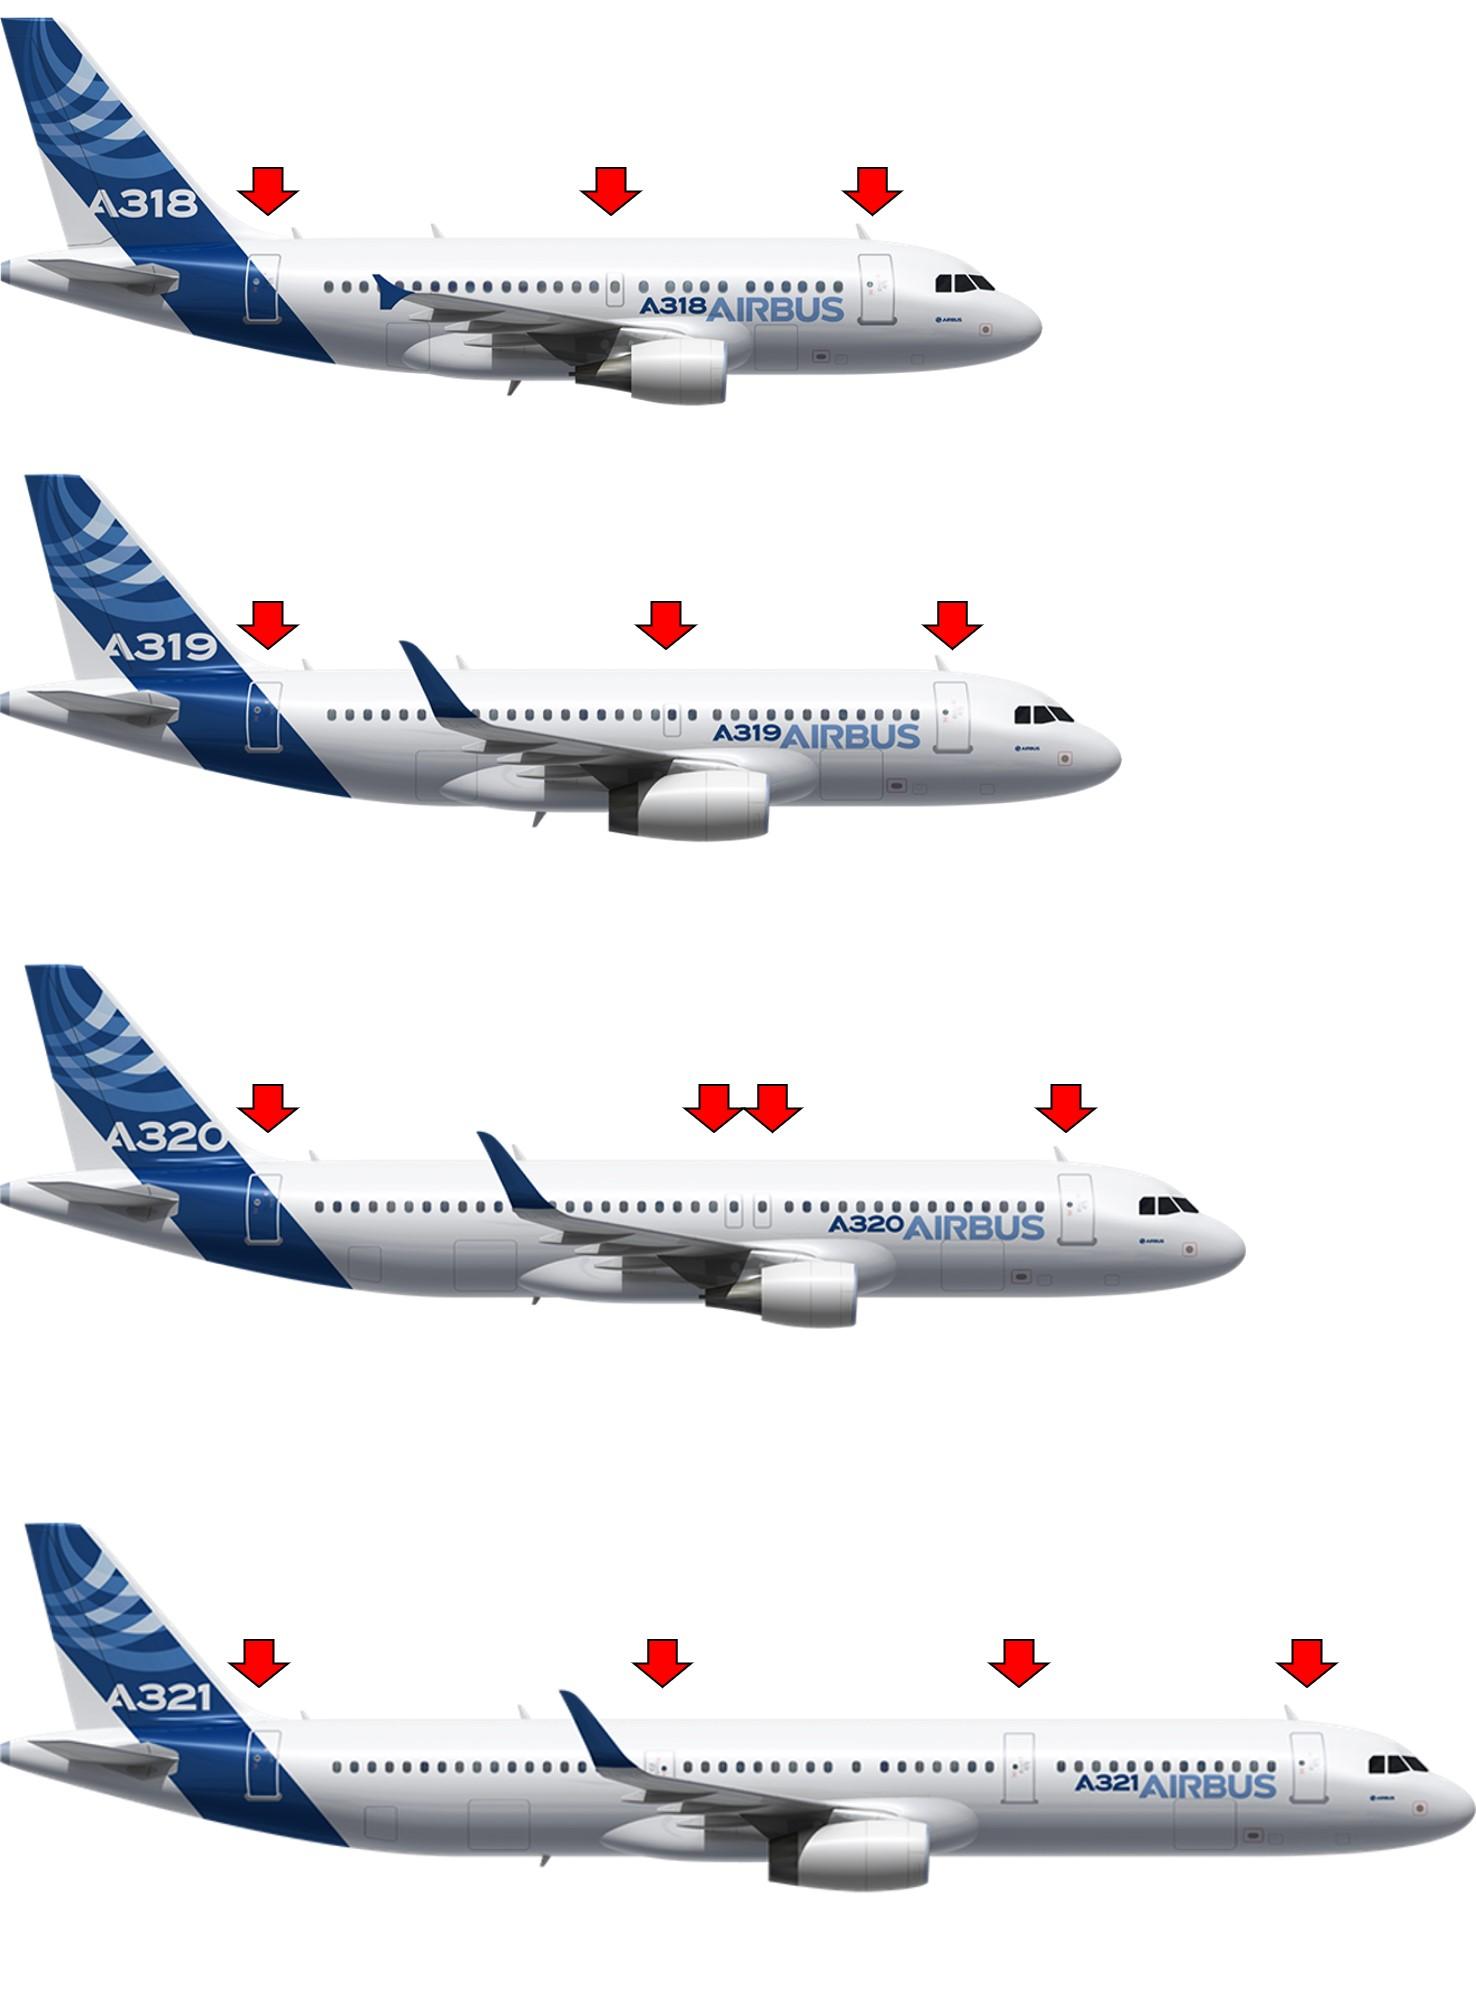 A320 Familyの比較画像